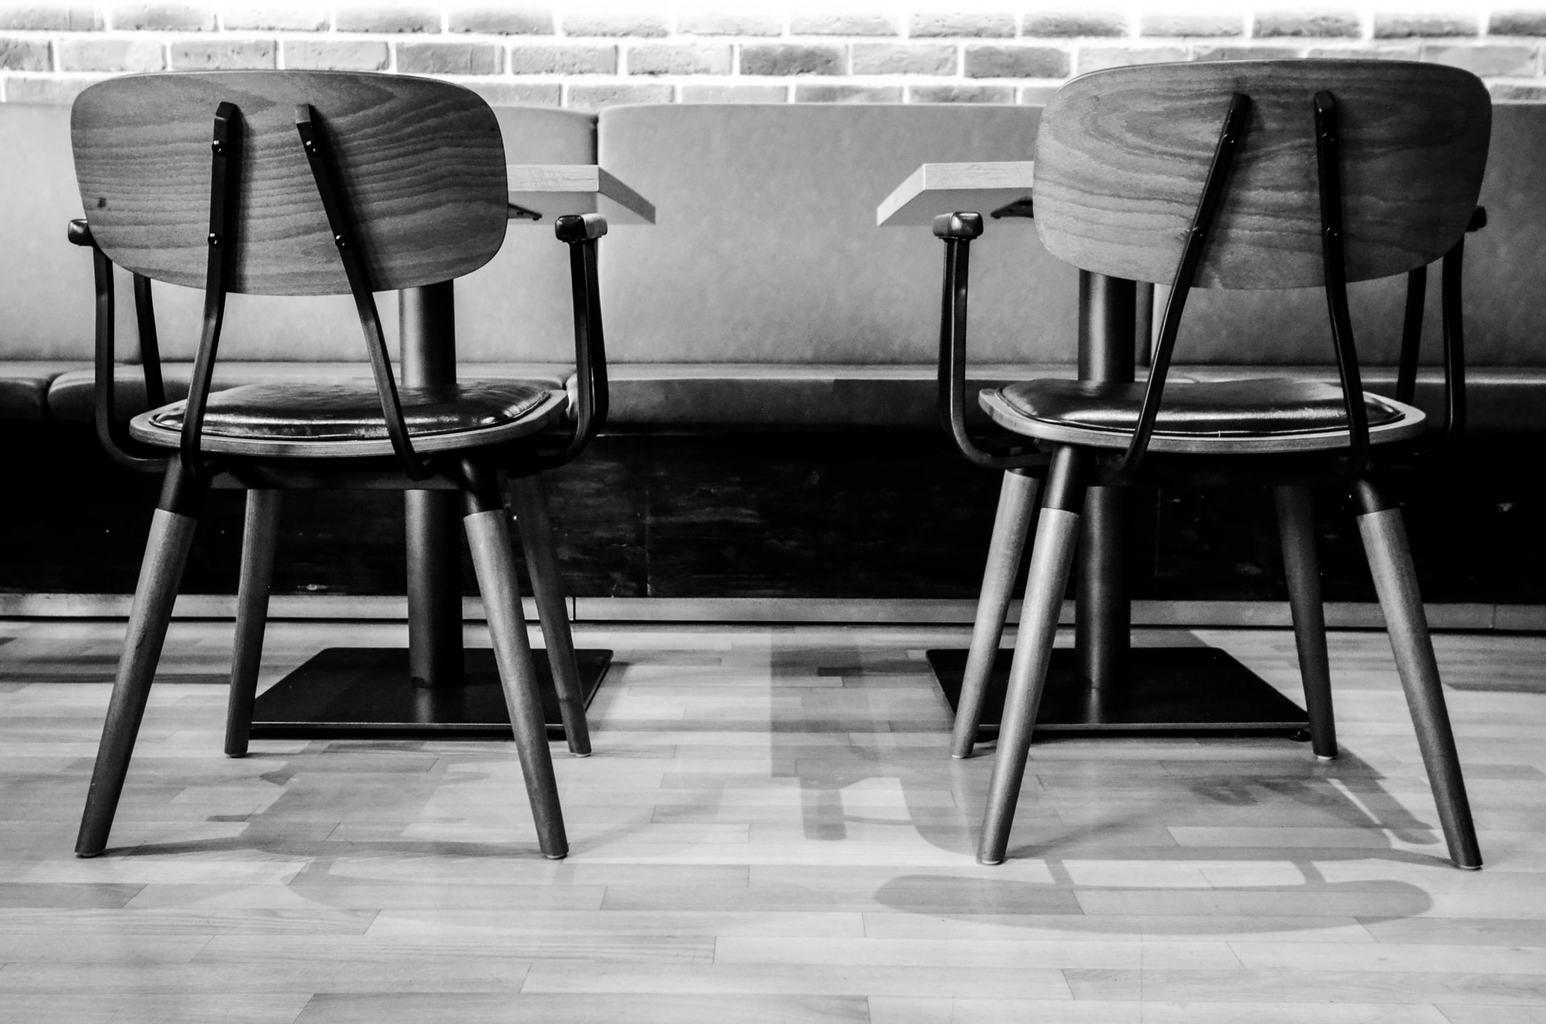 Stühle und Tische groß genug für zwei Personen